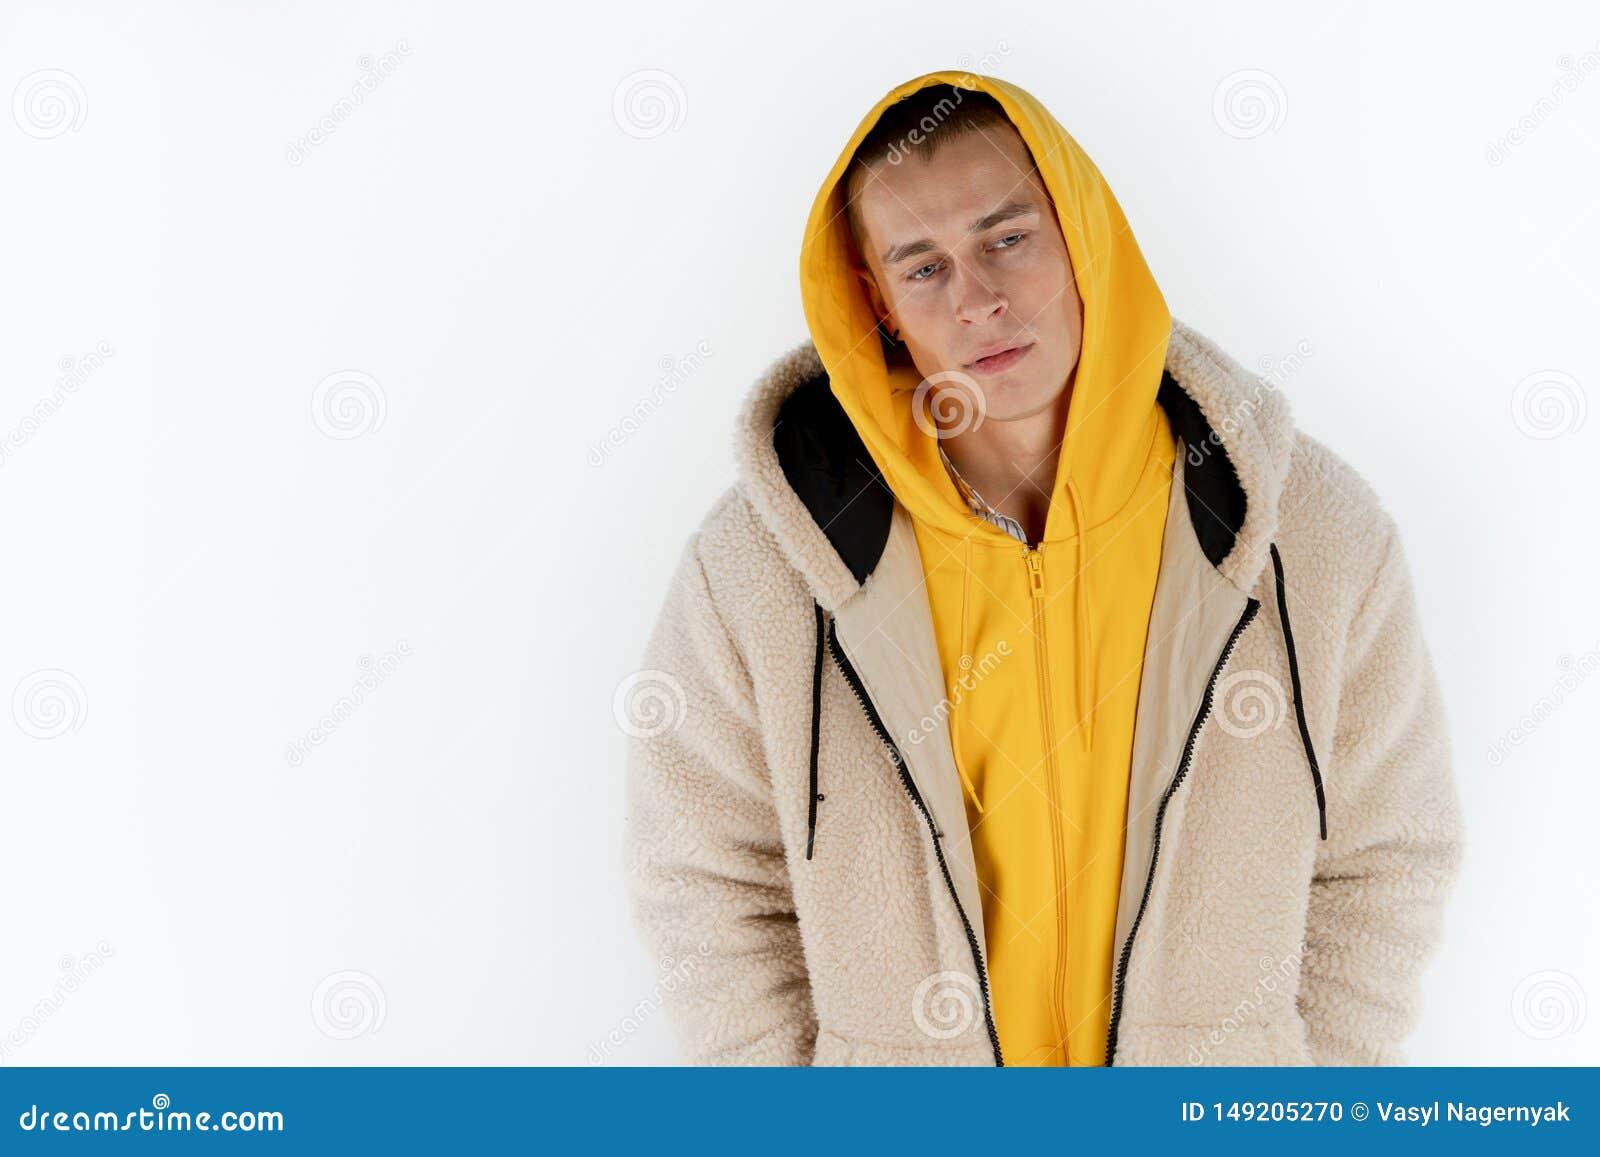 Mezzo ritratto di lunghezza di giovane uomo infelice turbato che indossa condizione gialla di maglia con cappuccio contro il fond